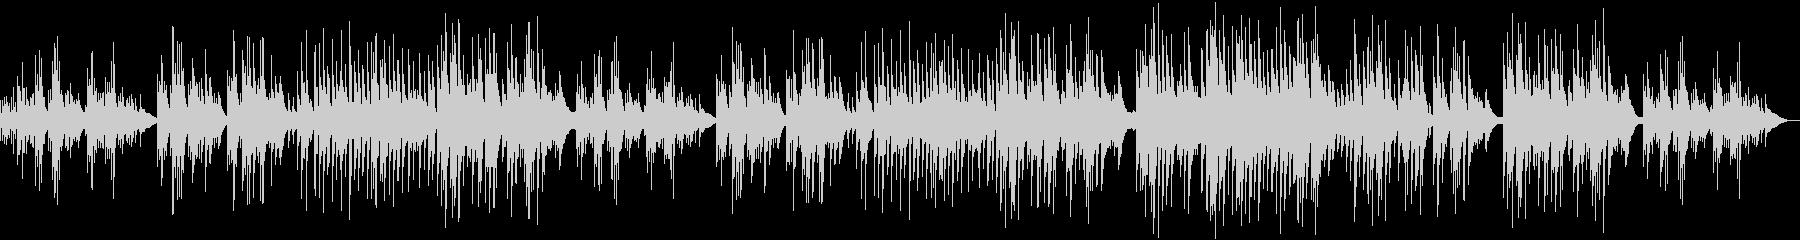 穏やかハープとチェレスタのゆったり癒し曲の未再生の波形